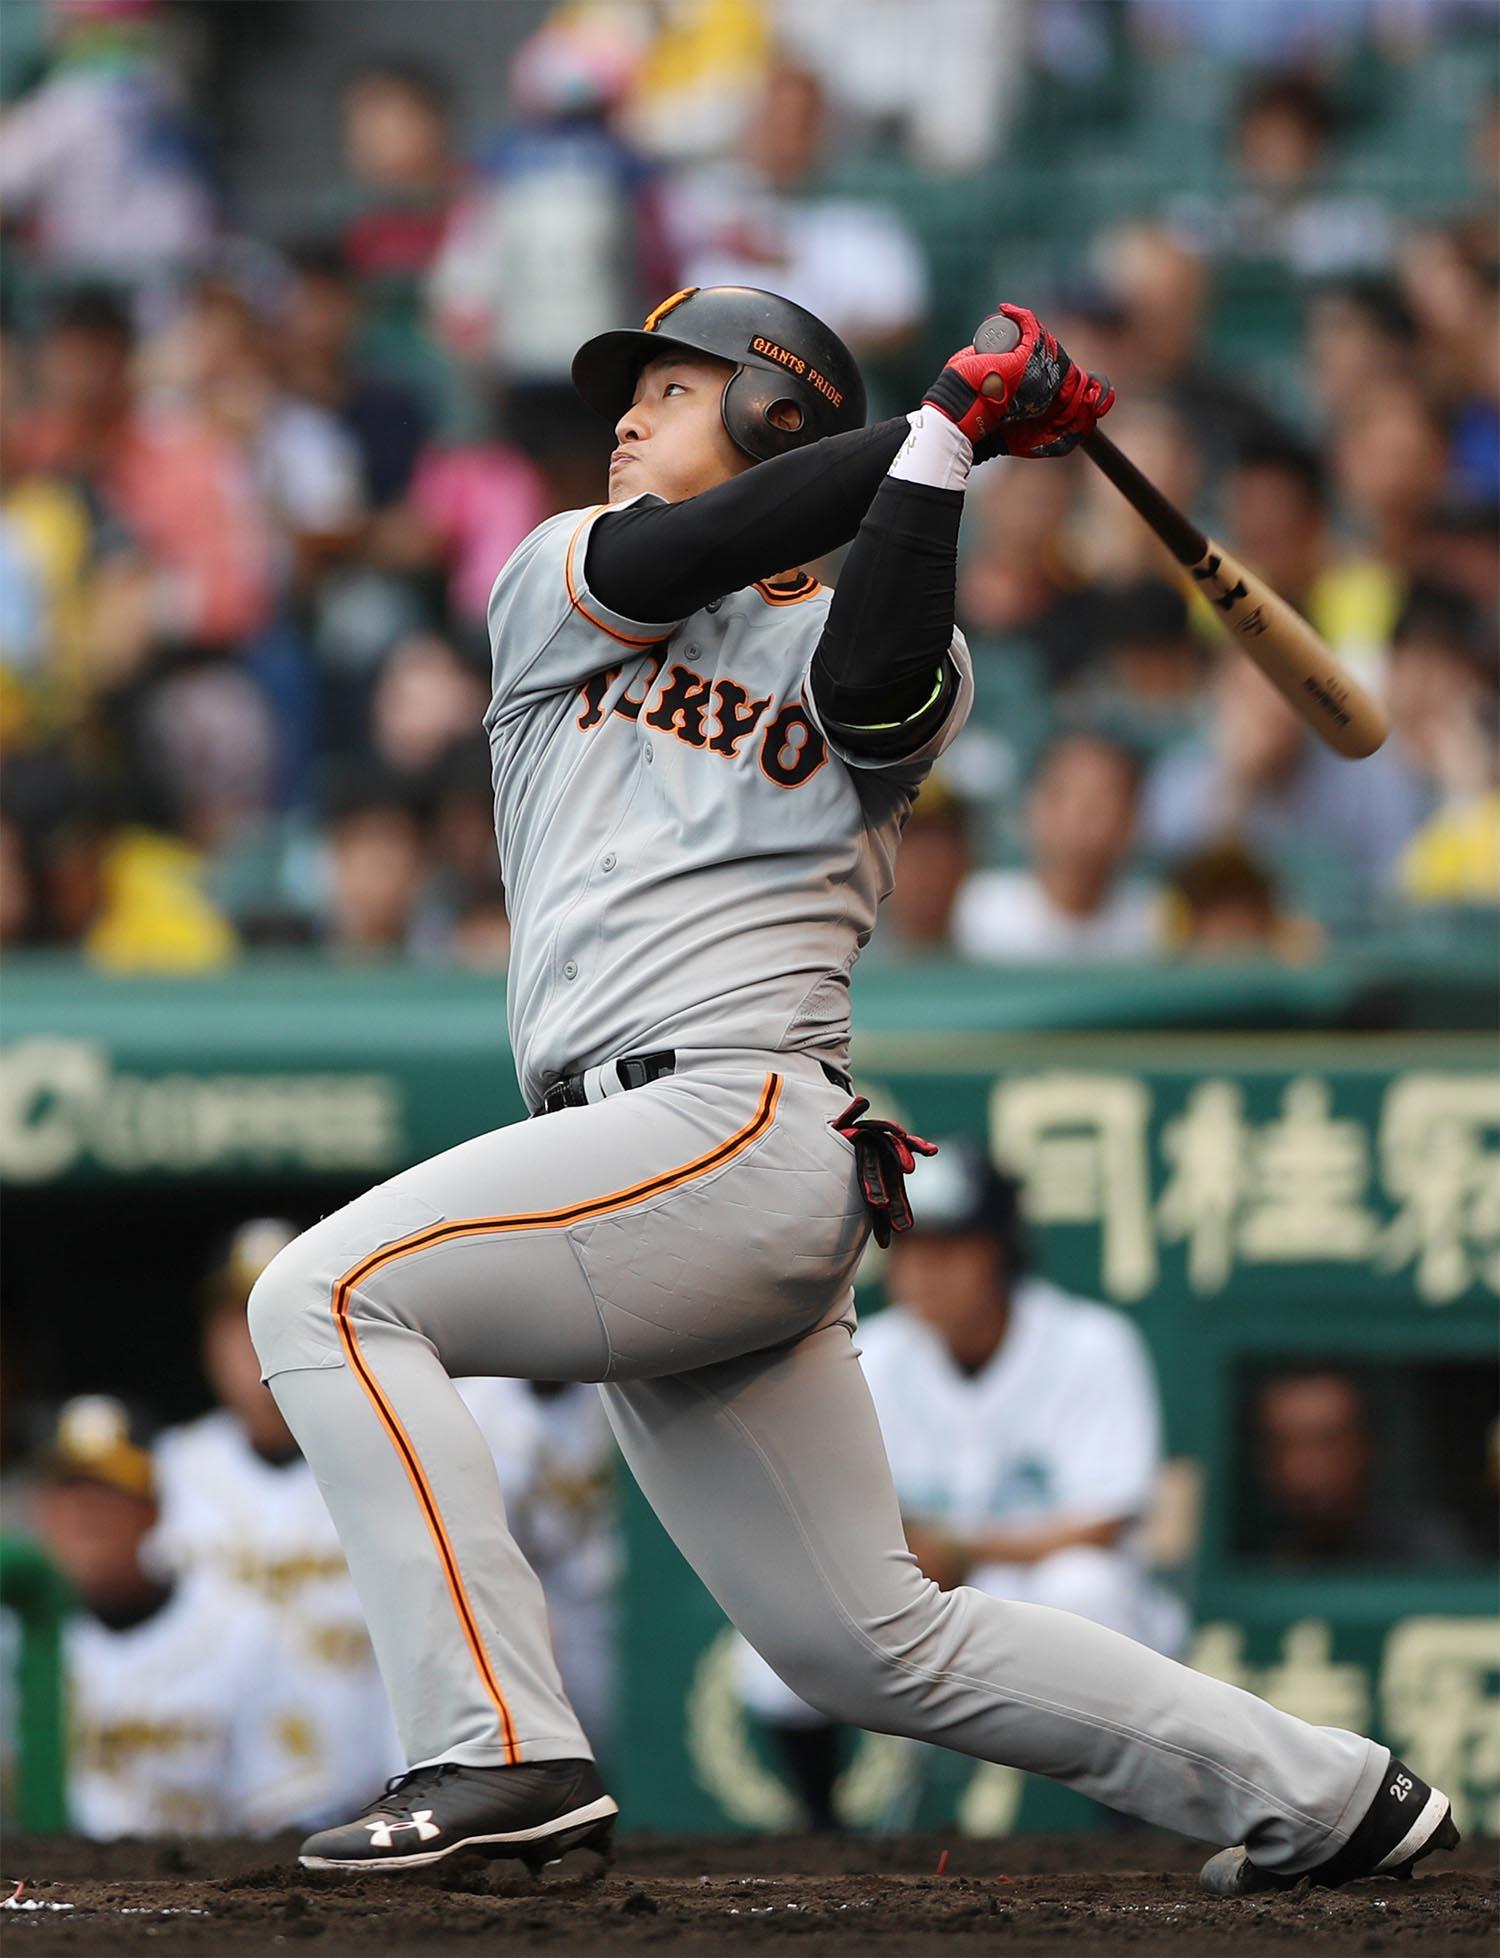 今季、4番打者として大きな成長を遂げた岡本和真 ©時事通信社